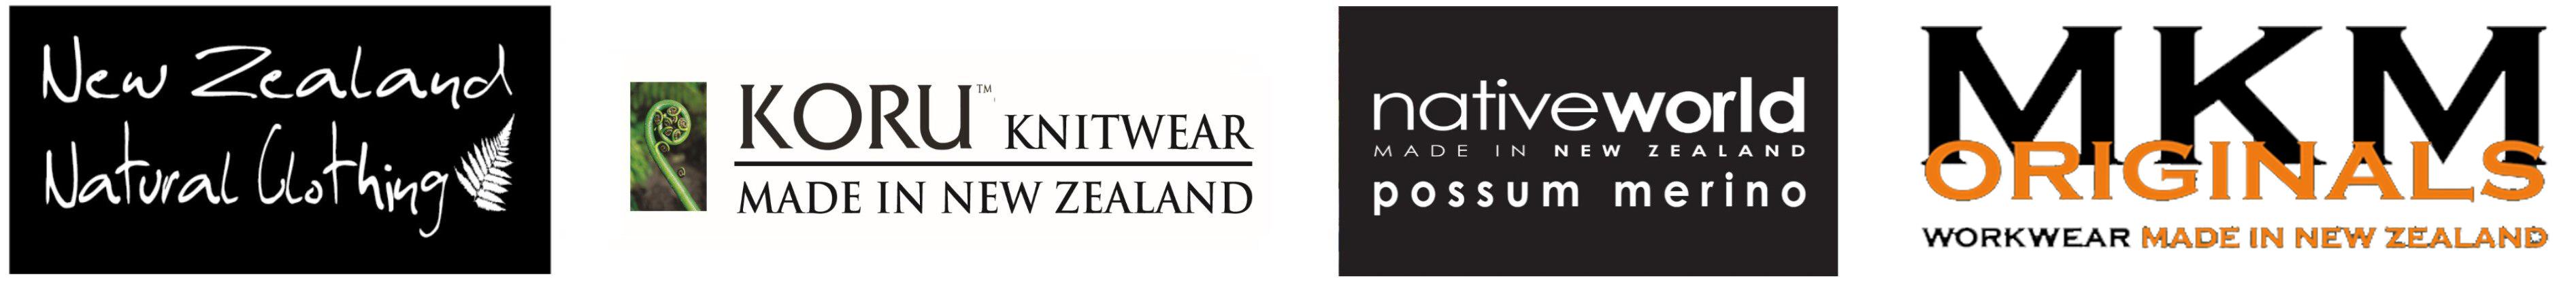 merino-possum-logos1.jpg